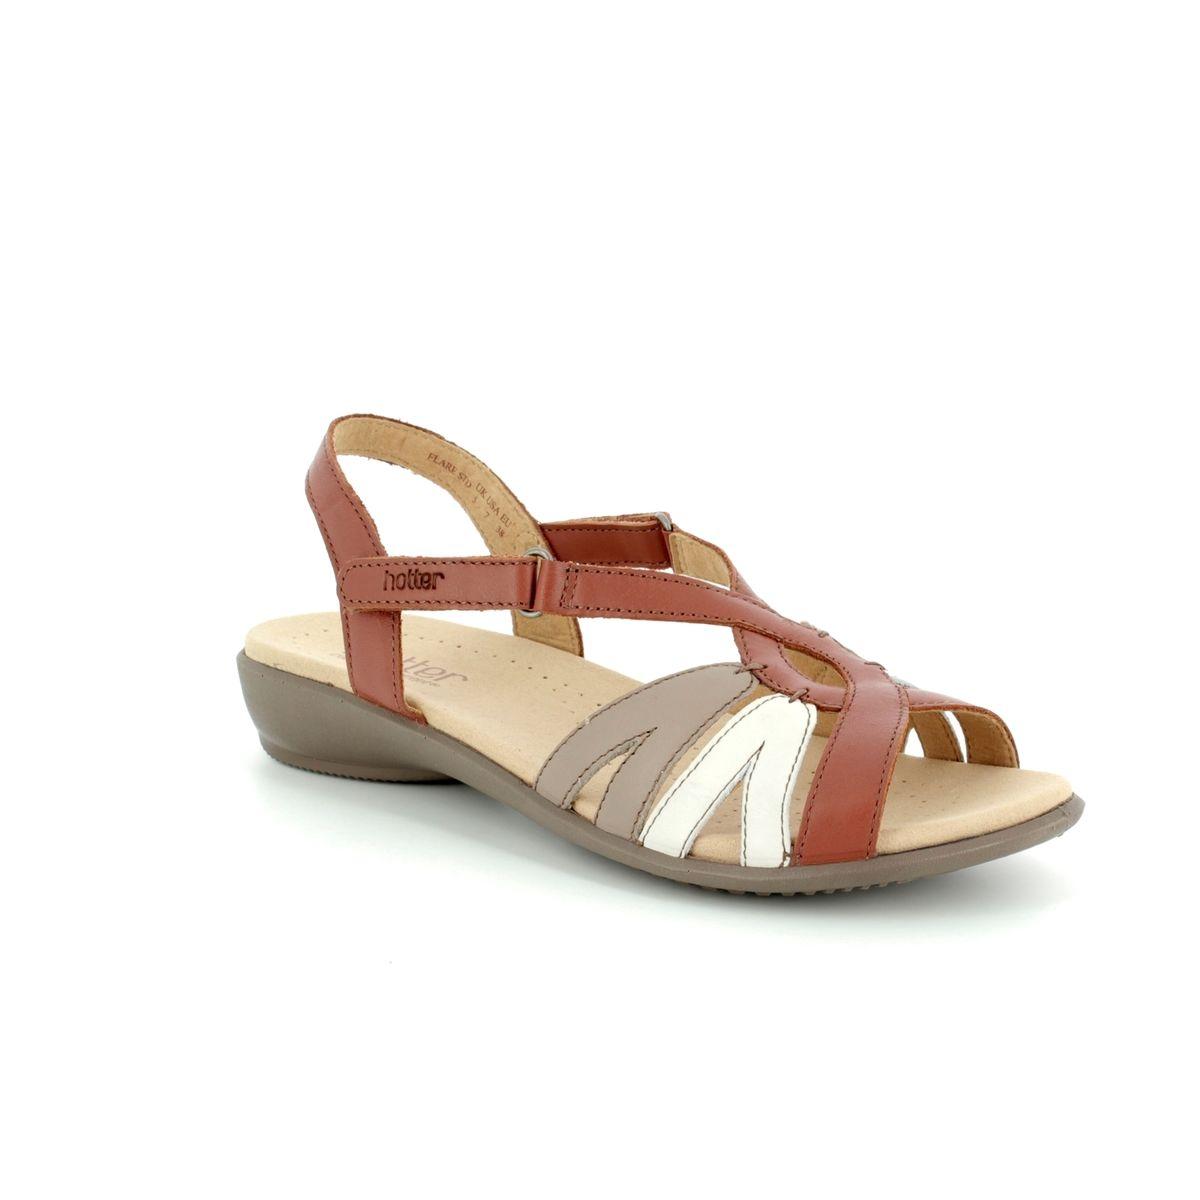 85c6aa30fa7 Hotter Sandals - Tan multi - 8107 11 FLARE E FIT